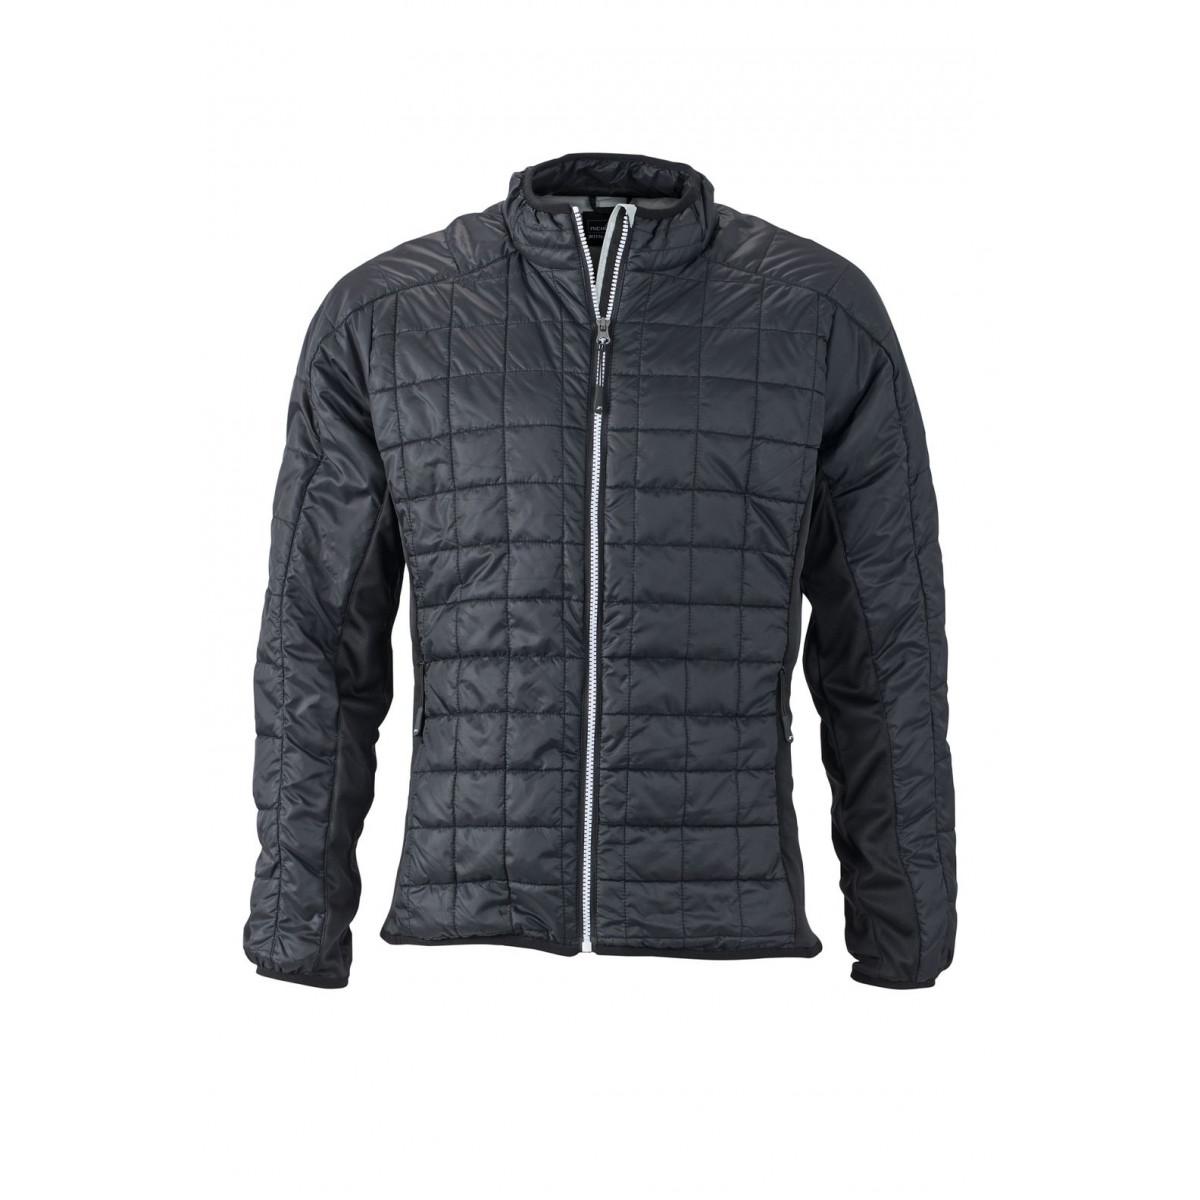 Куртка мужская JN1116 Mens Hybrid Jacket - Черный/Серебряный